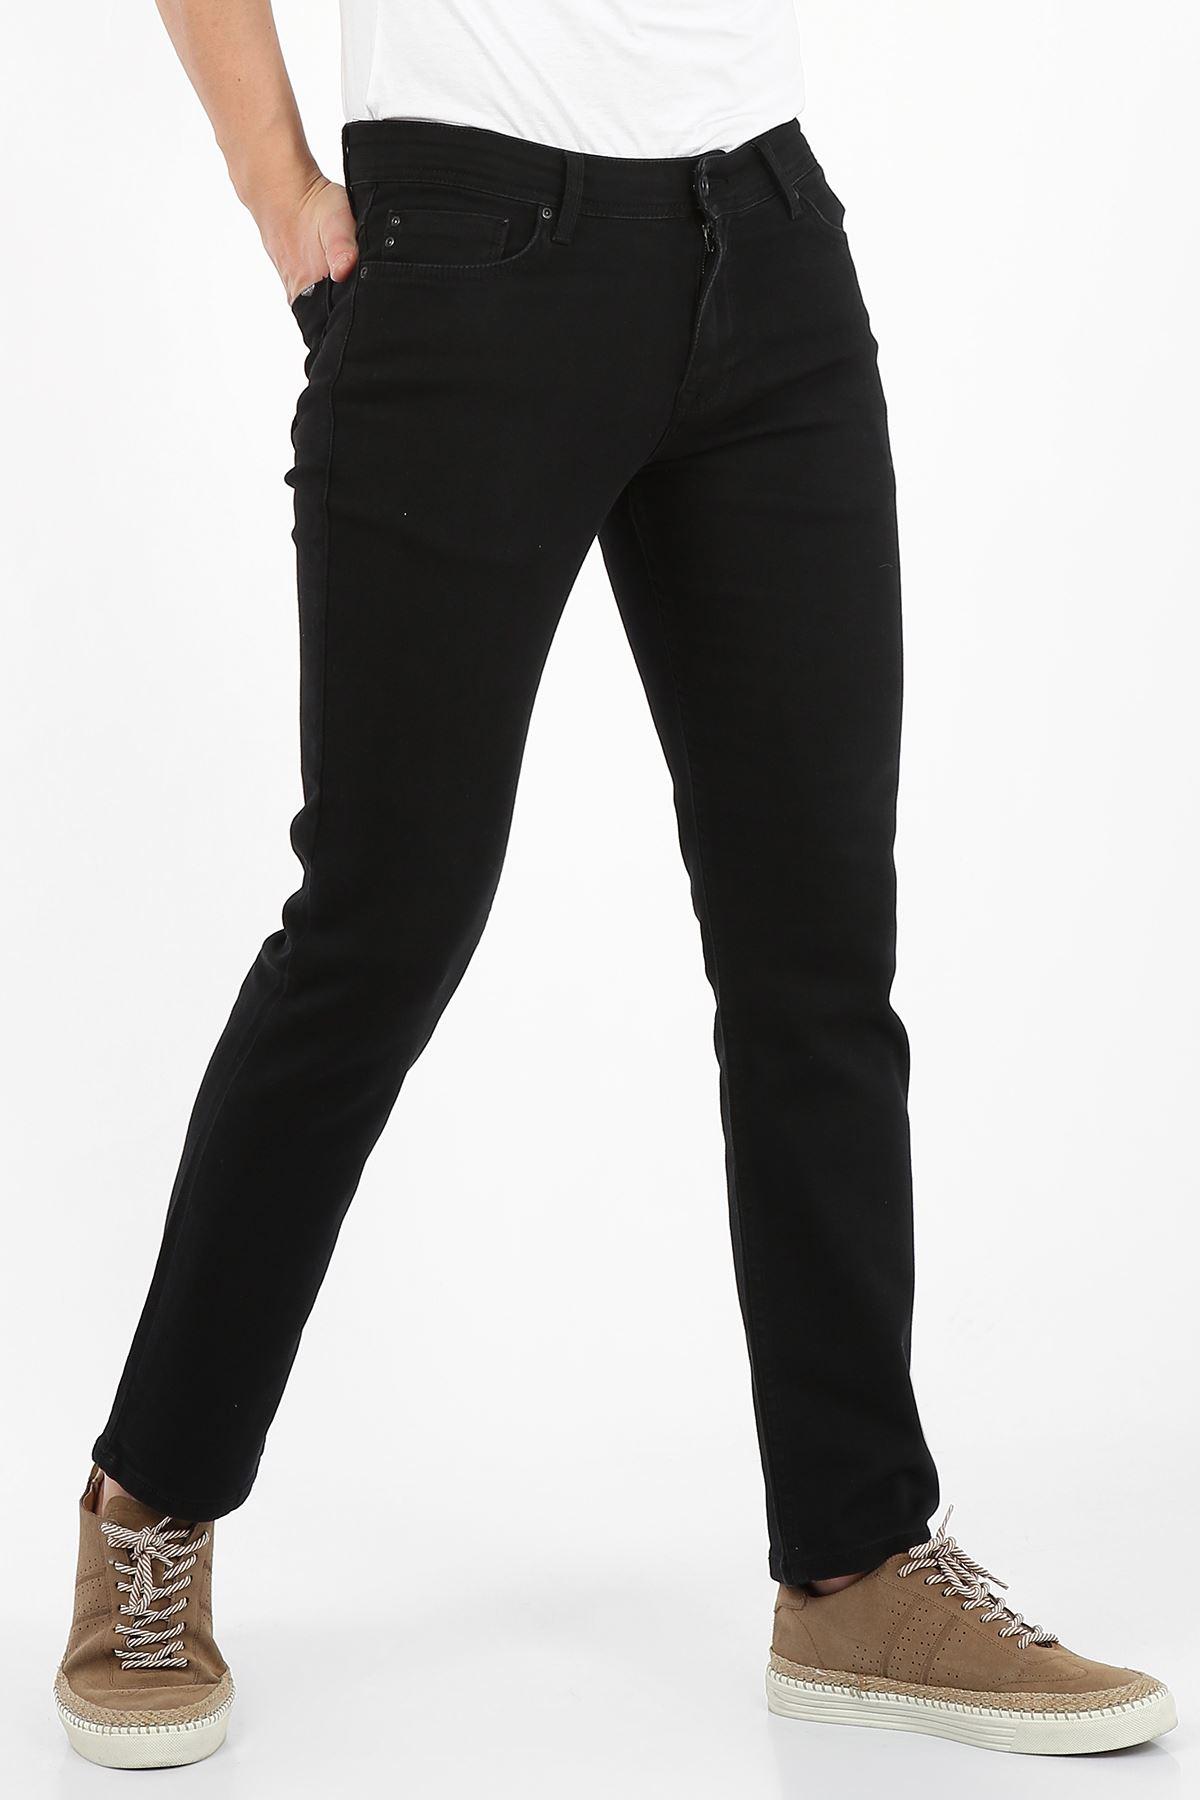 Siyah Yumaşak Doku Yarı Slim Fermuarlı Erkek Jeans Pantolon-SAWYER